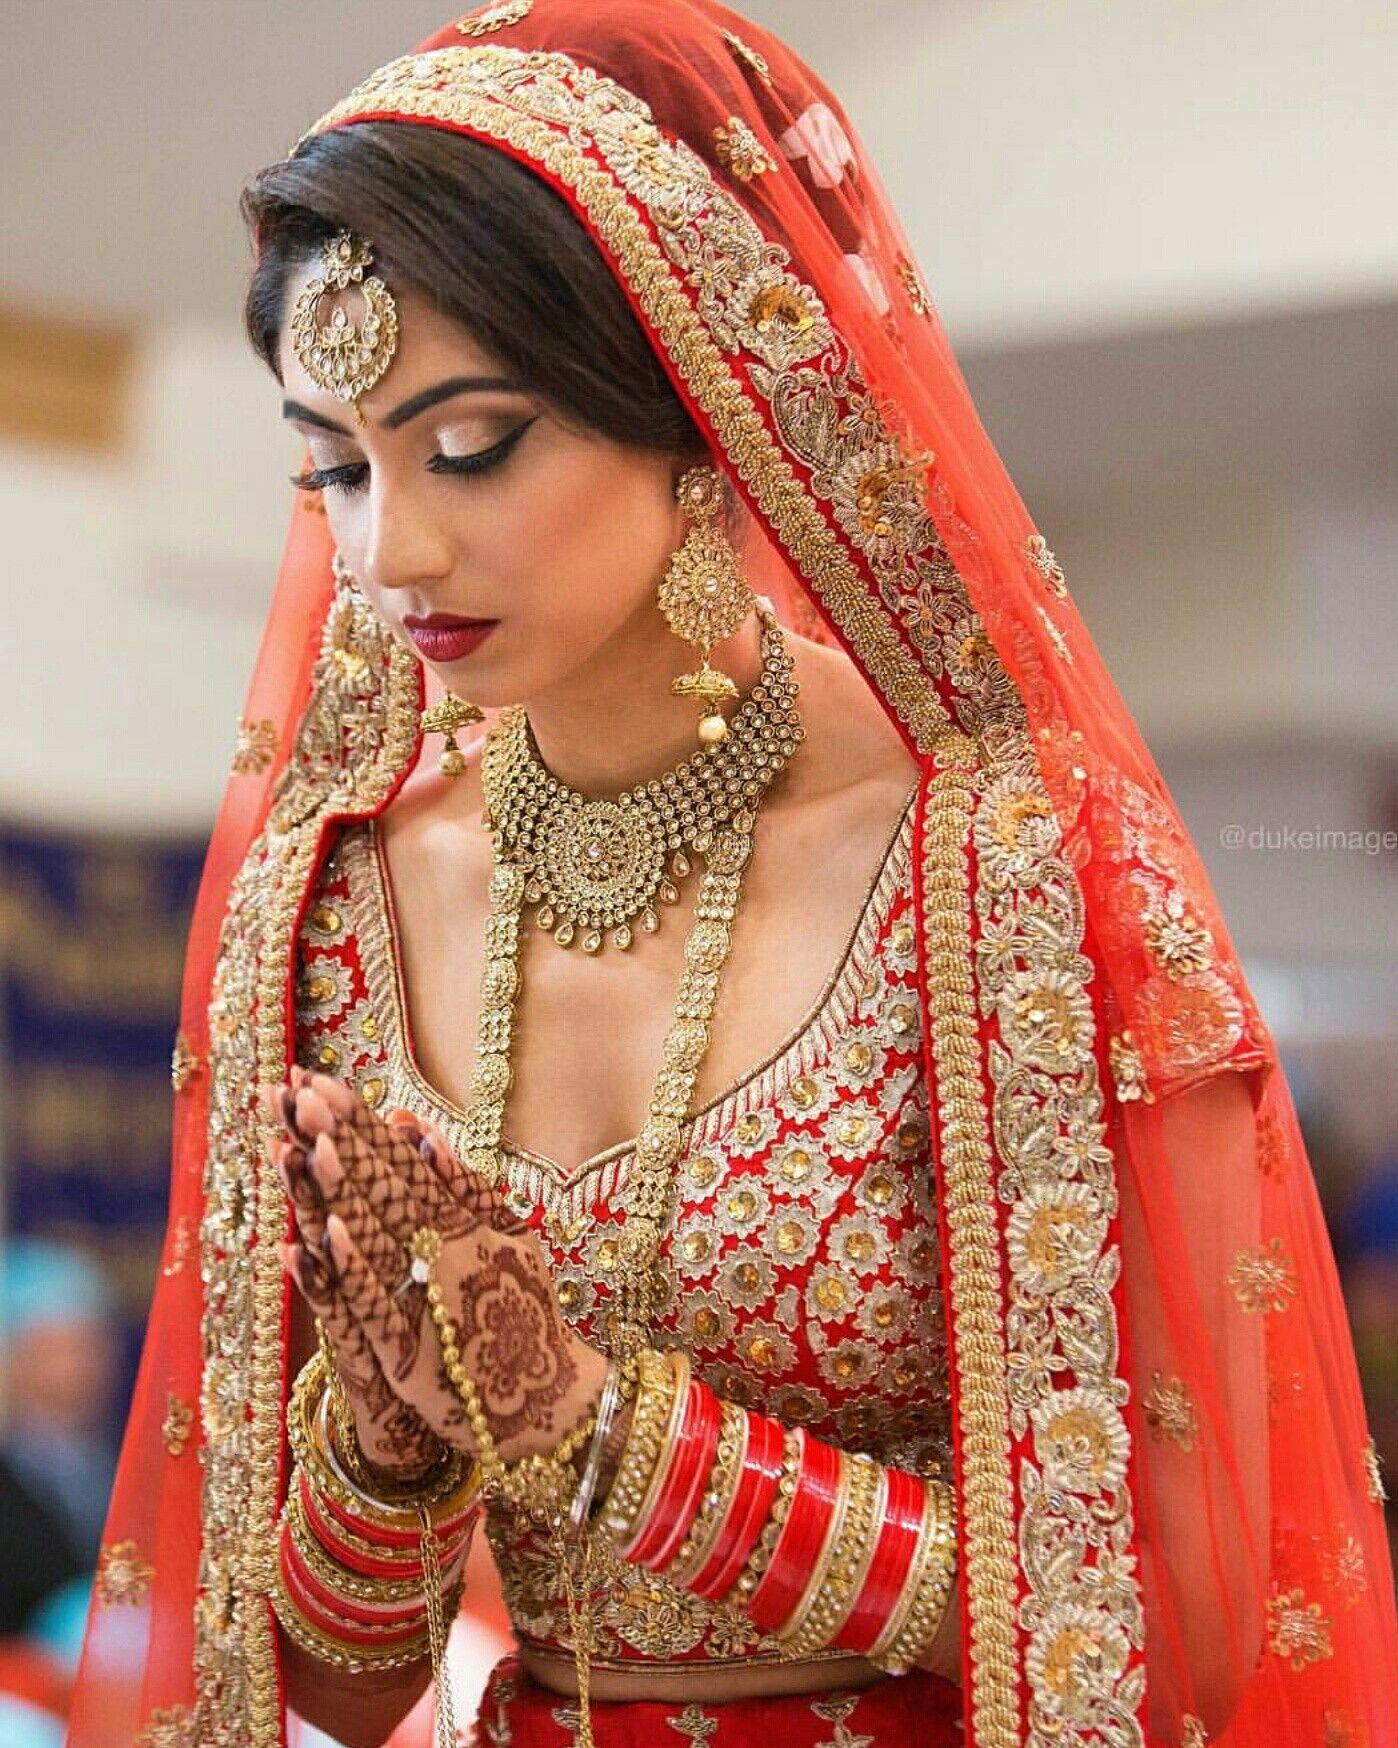 Beautiful Bride!! Henna San Diego. Indian bridal fashion